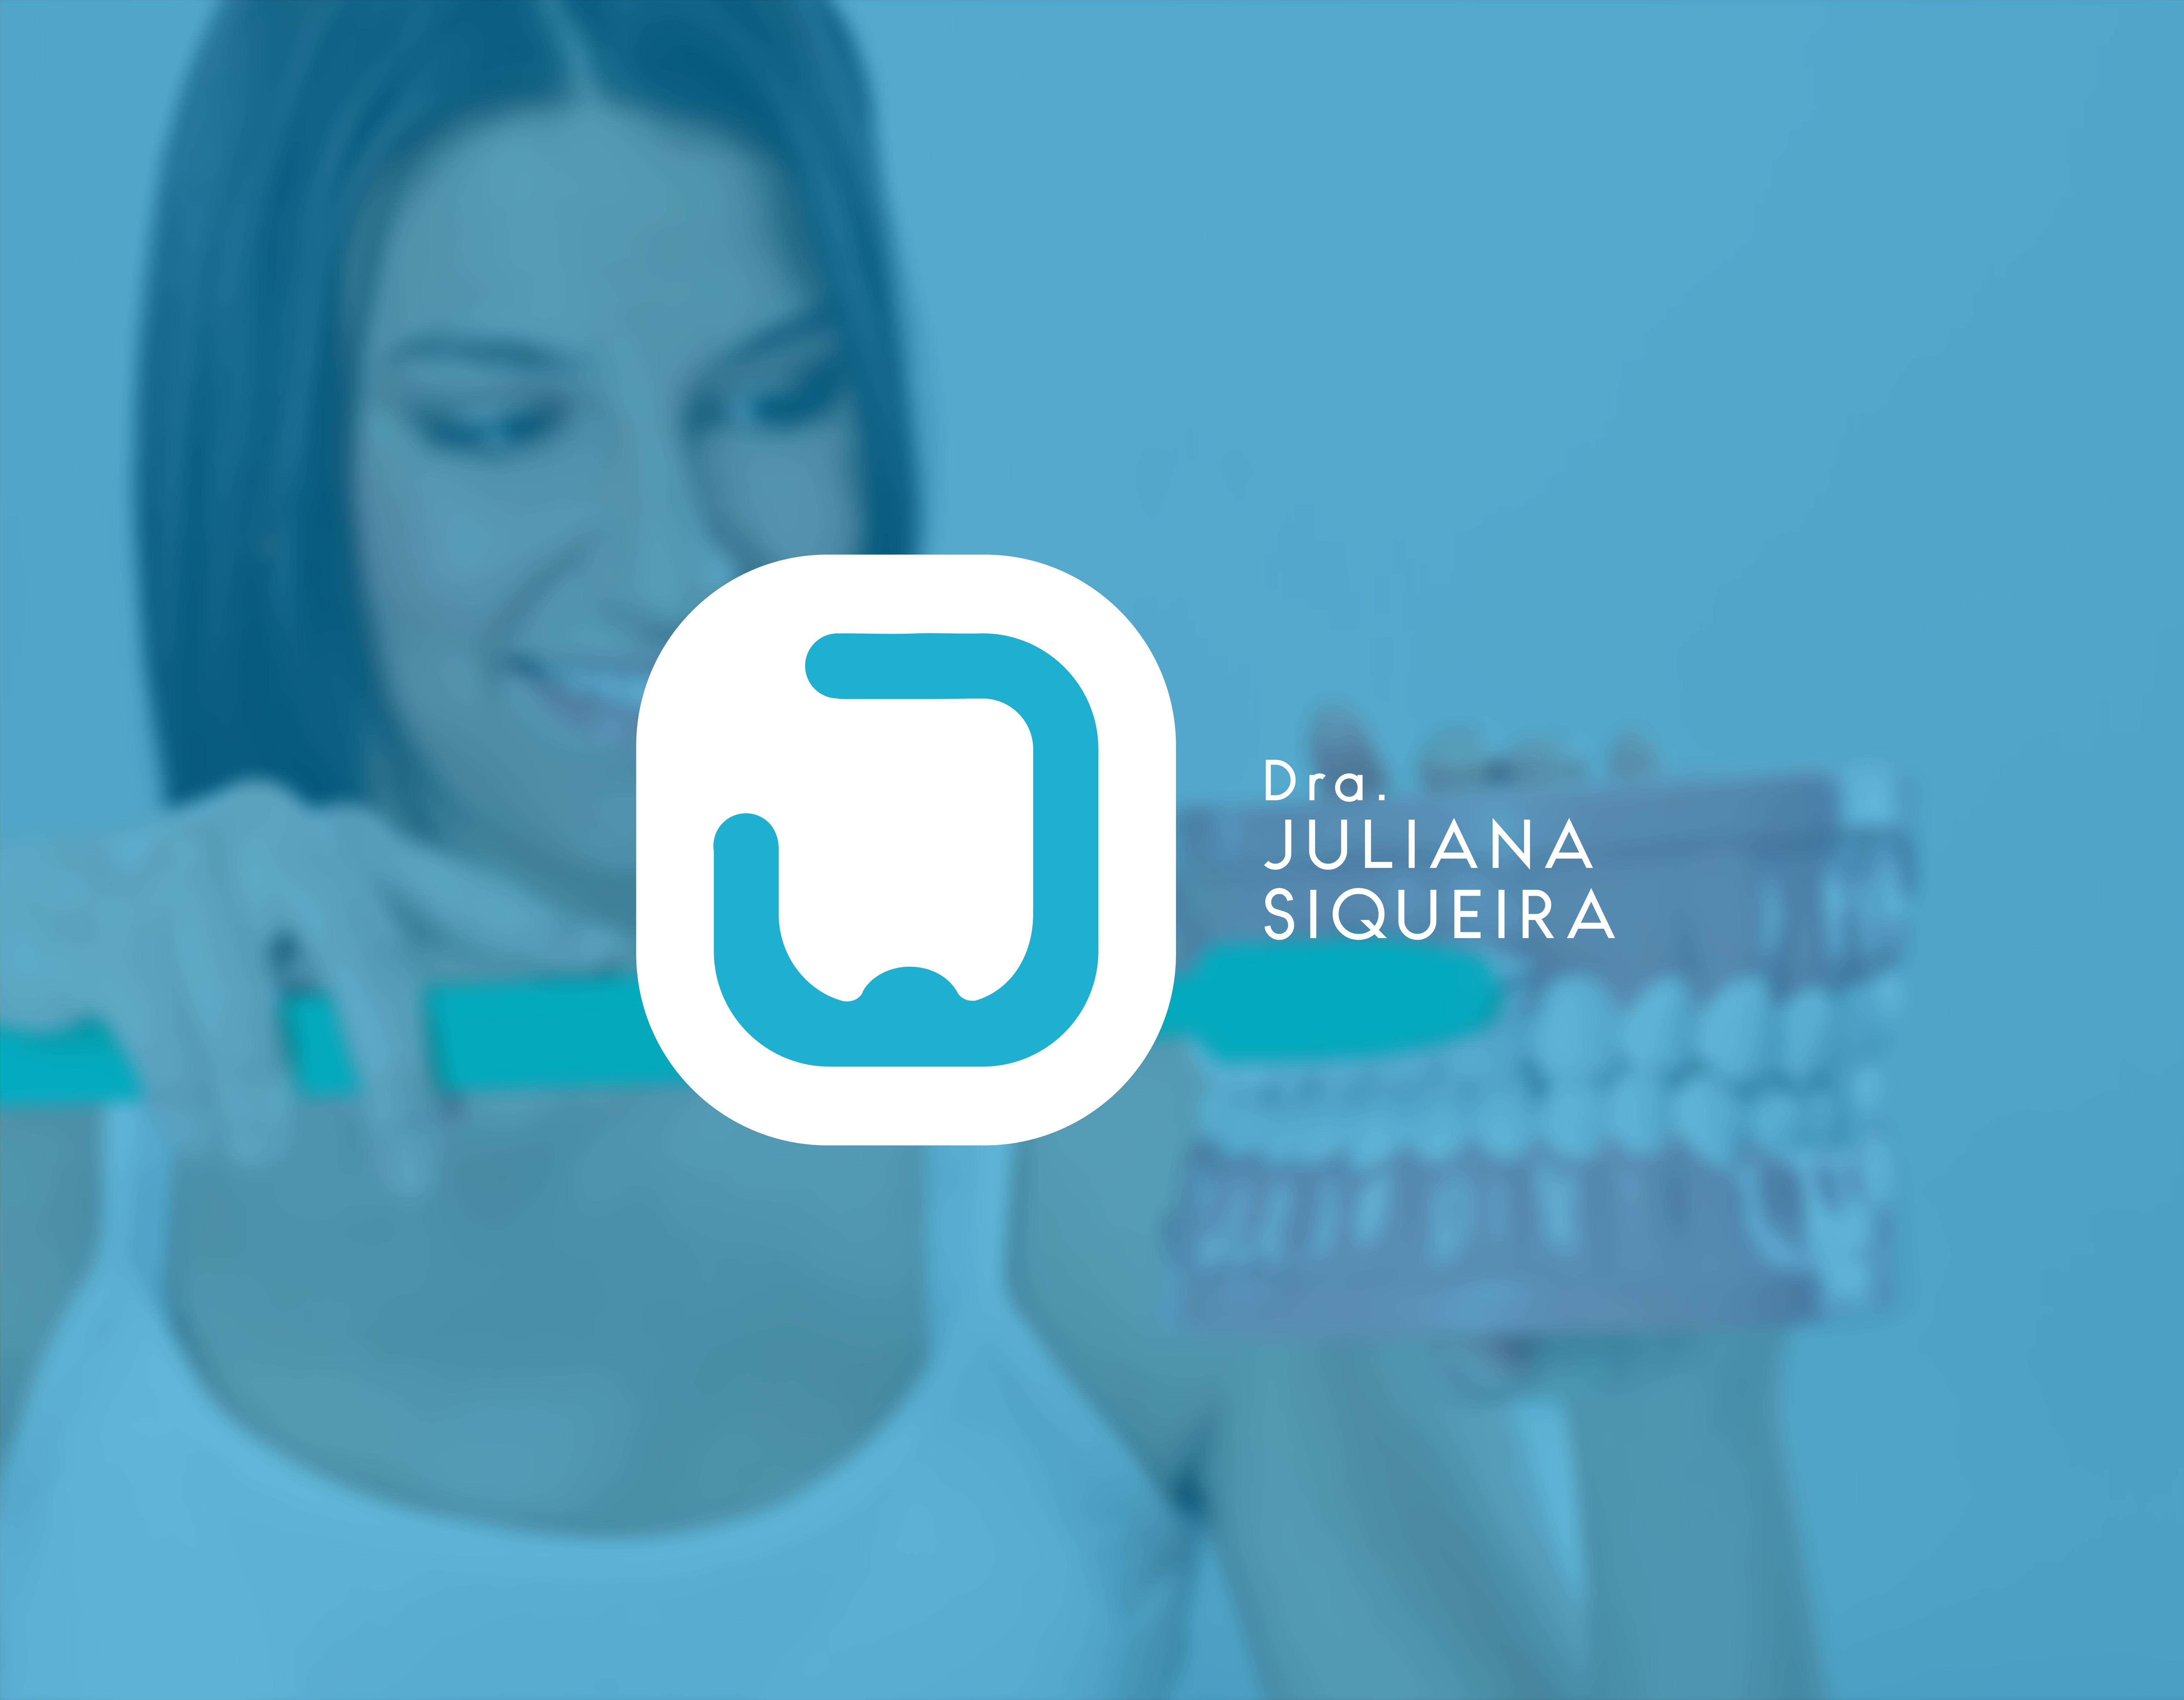 e054ae27618639.56369dcf8c6bc - Dr. Juliana